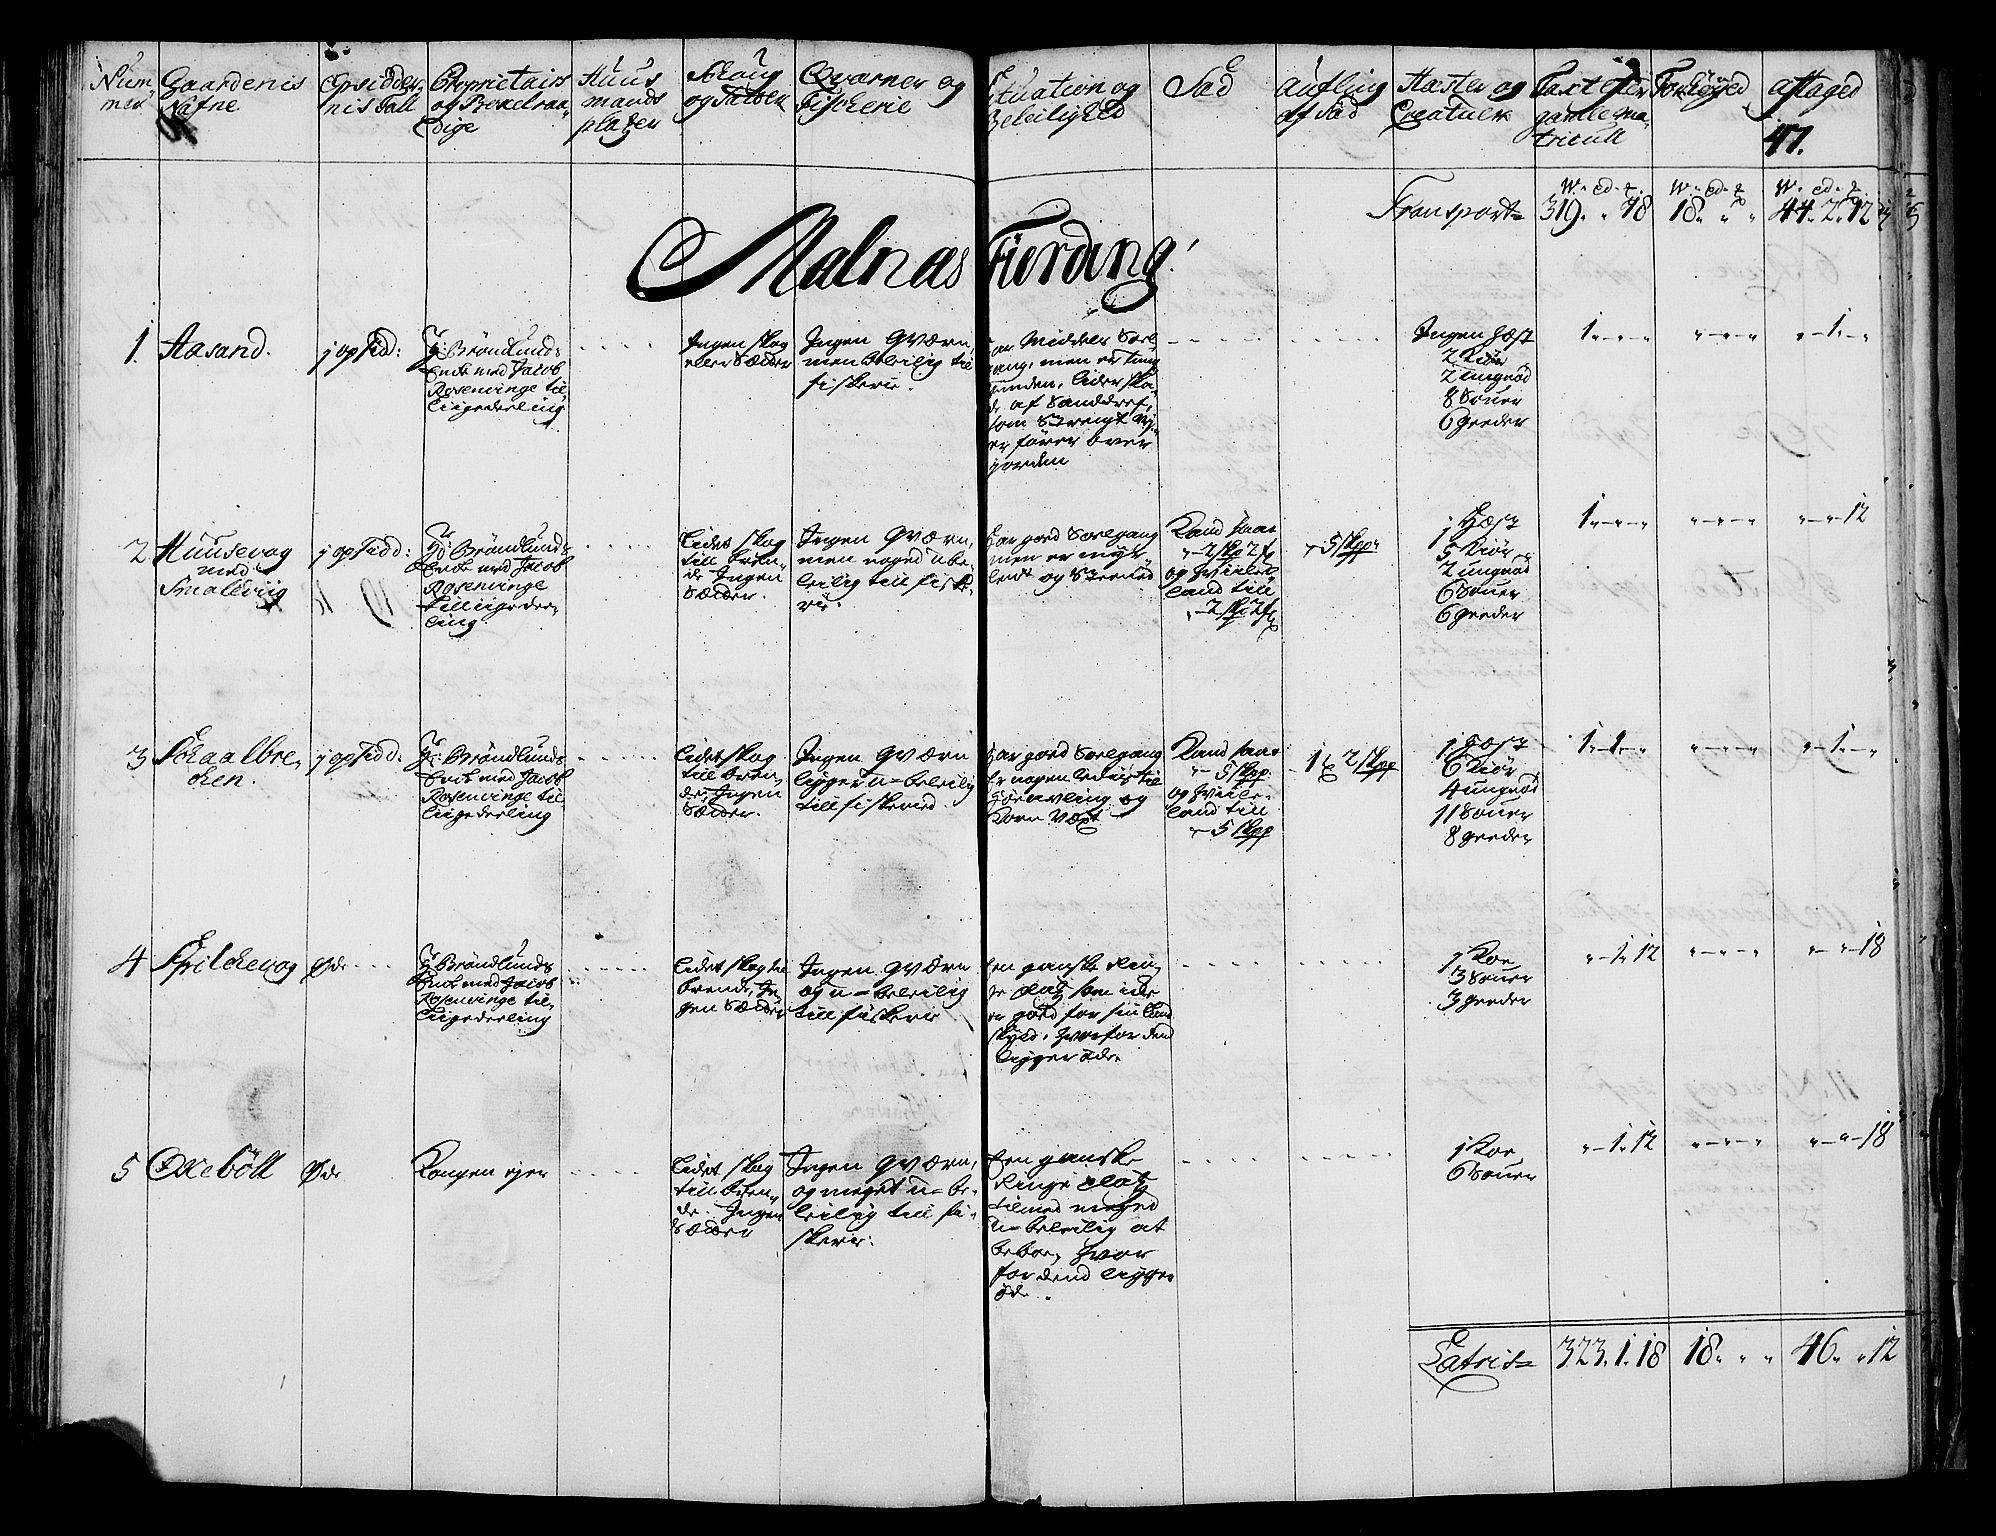 RA, Rentekammeret inntil 1814, Realistisk ordnet avdeling, N/Nb/Nbf/L0176: Vesterålen og Andenes eksaminasjonsprotokoll, 1723, s. 46b-47a